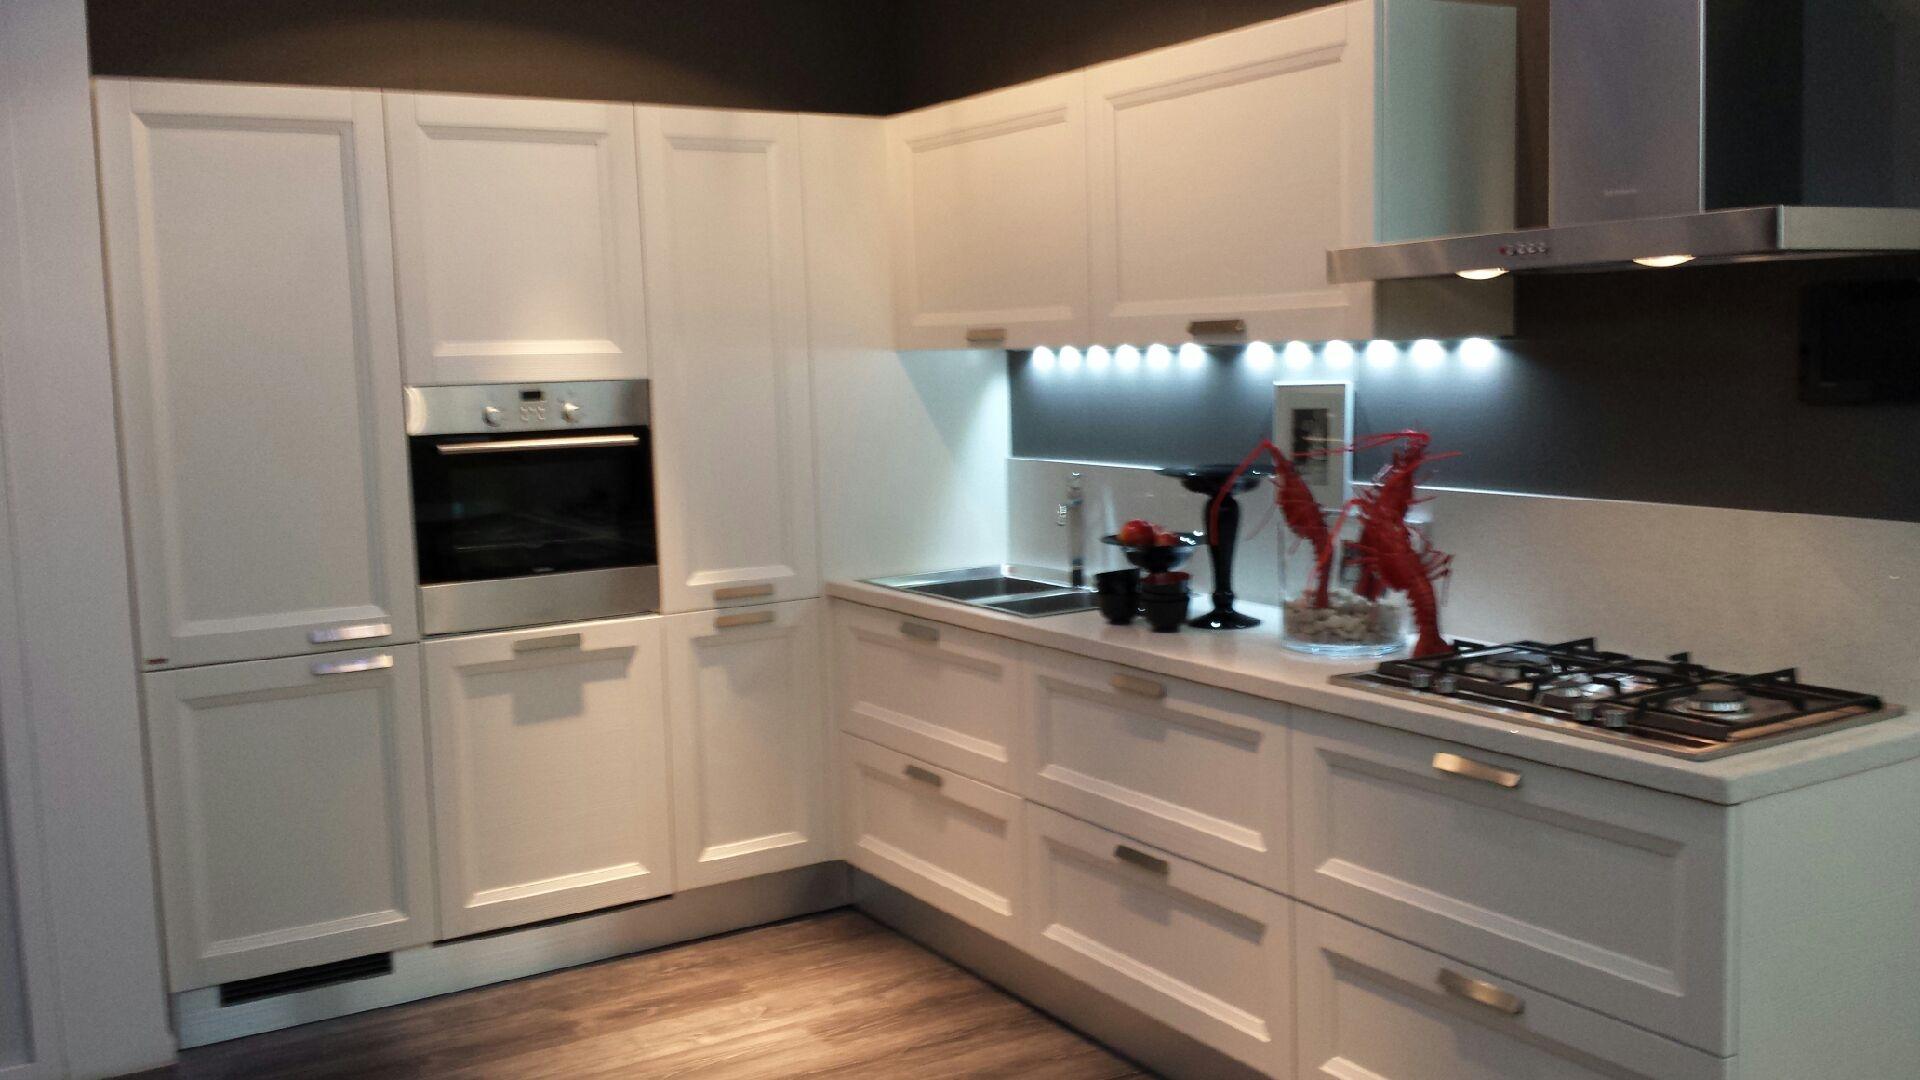 Cucina scavolini scavolini esprit classica legno bianca cucine a prezzi scontati - Scavolini cucina bianca ...